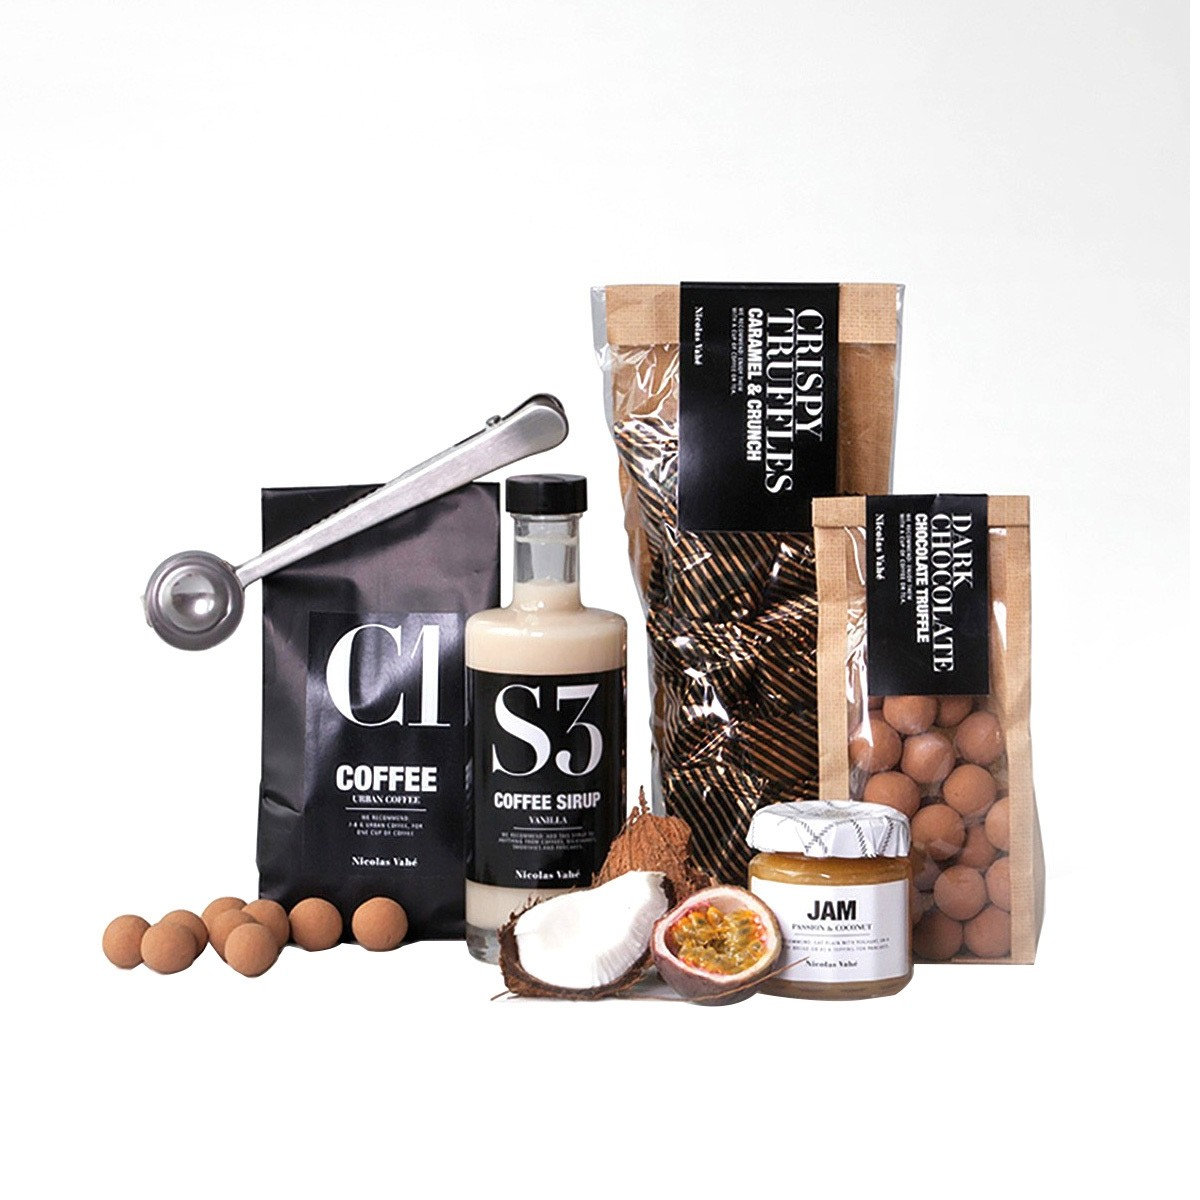 Heerlijke kerstcadeautjes tips van foodblog Foodinista Luxe chocolade pakket